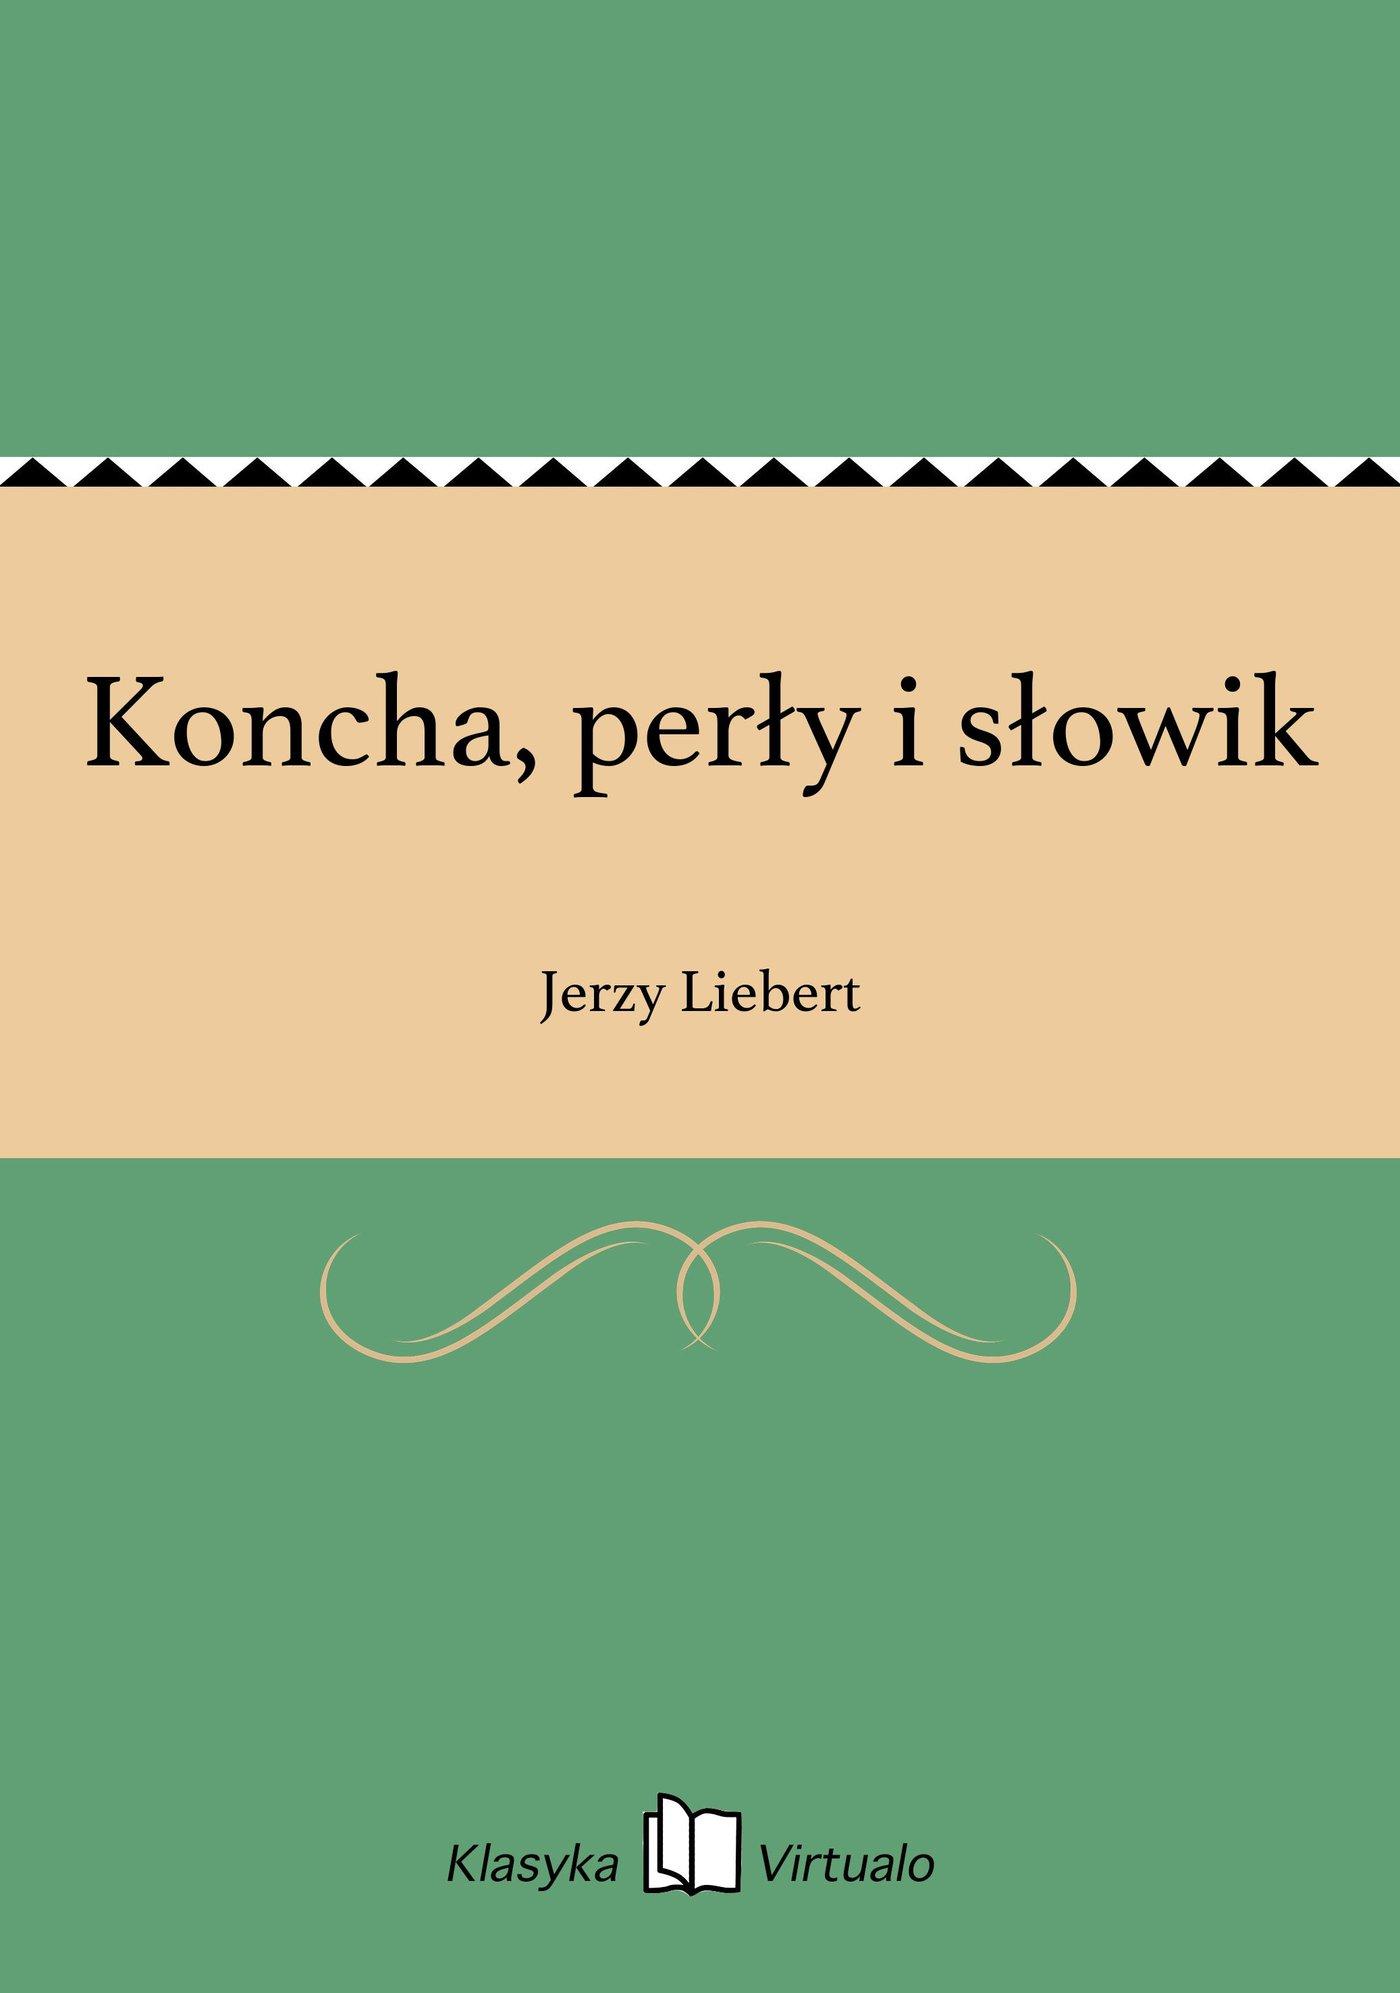 Koncha, perły i słowik - Ebook (Książka EPUB) do pobrania w formacie EPUB